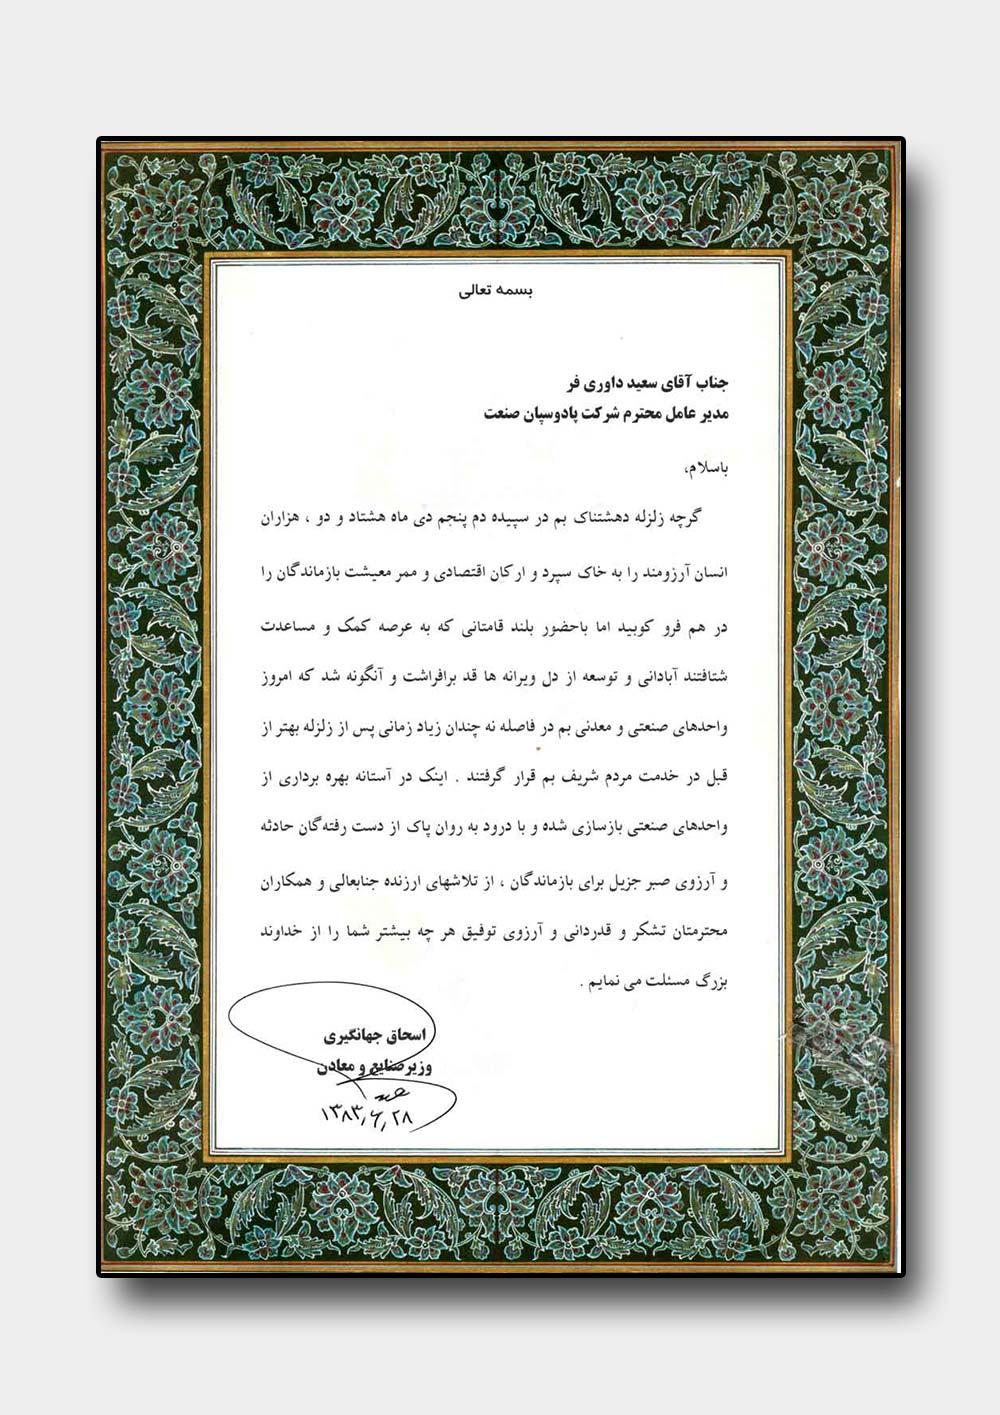 تصویر تقدیرنامه وزیر صنایع و معادن